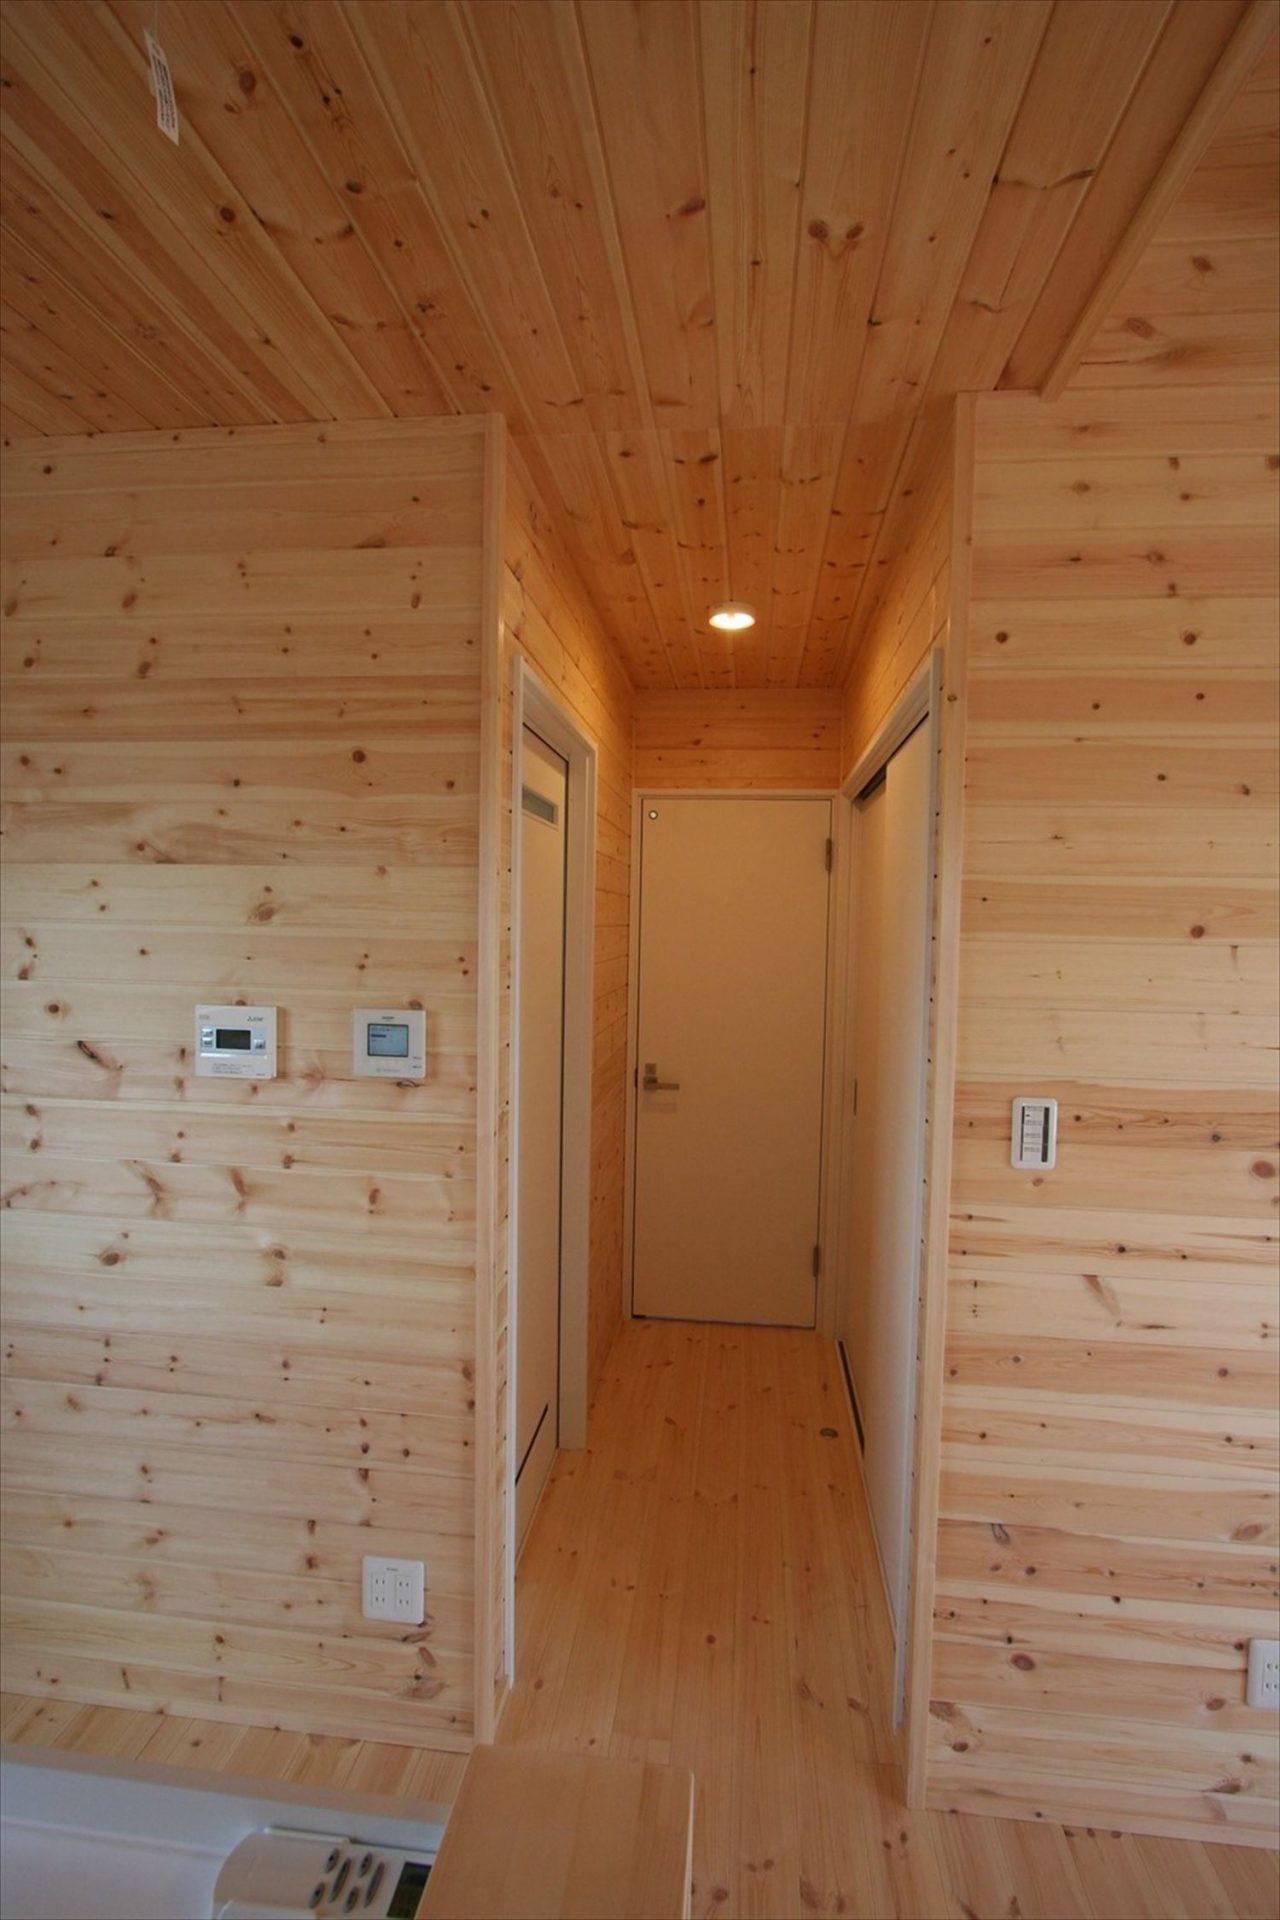 ドッグラン付平屋の廊下|渋川市の注文住宅,ログハウスのような木の家を低価格で建てるならエイ・ワン